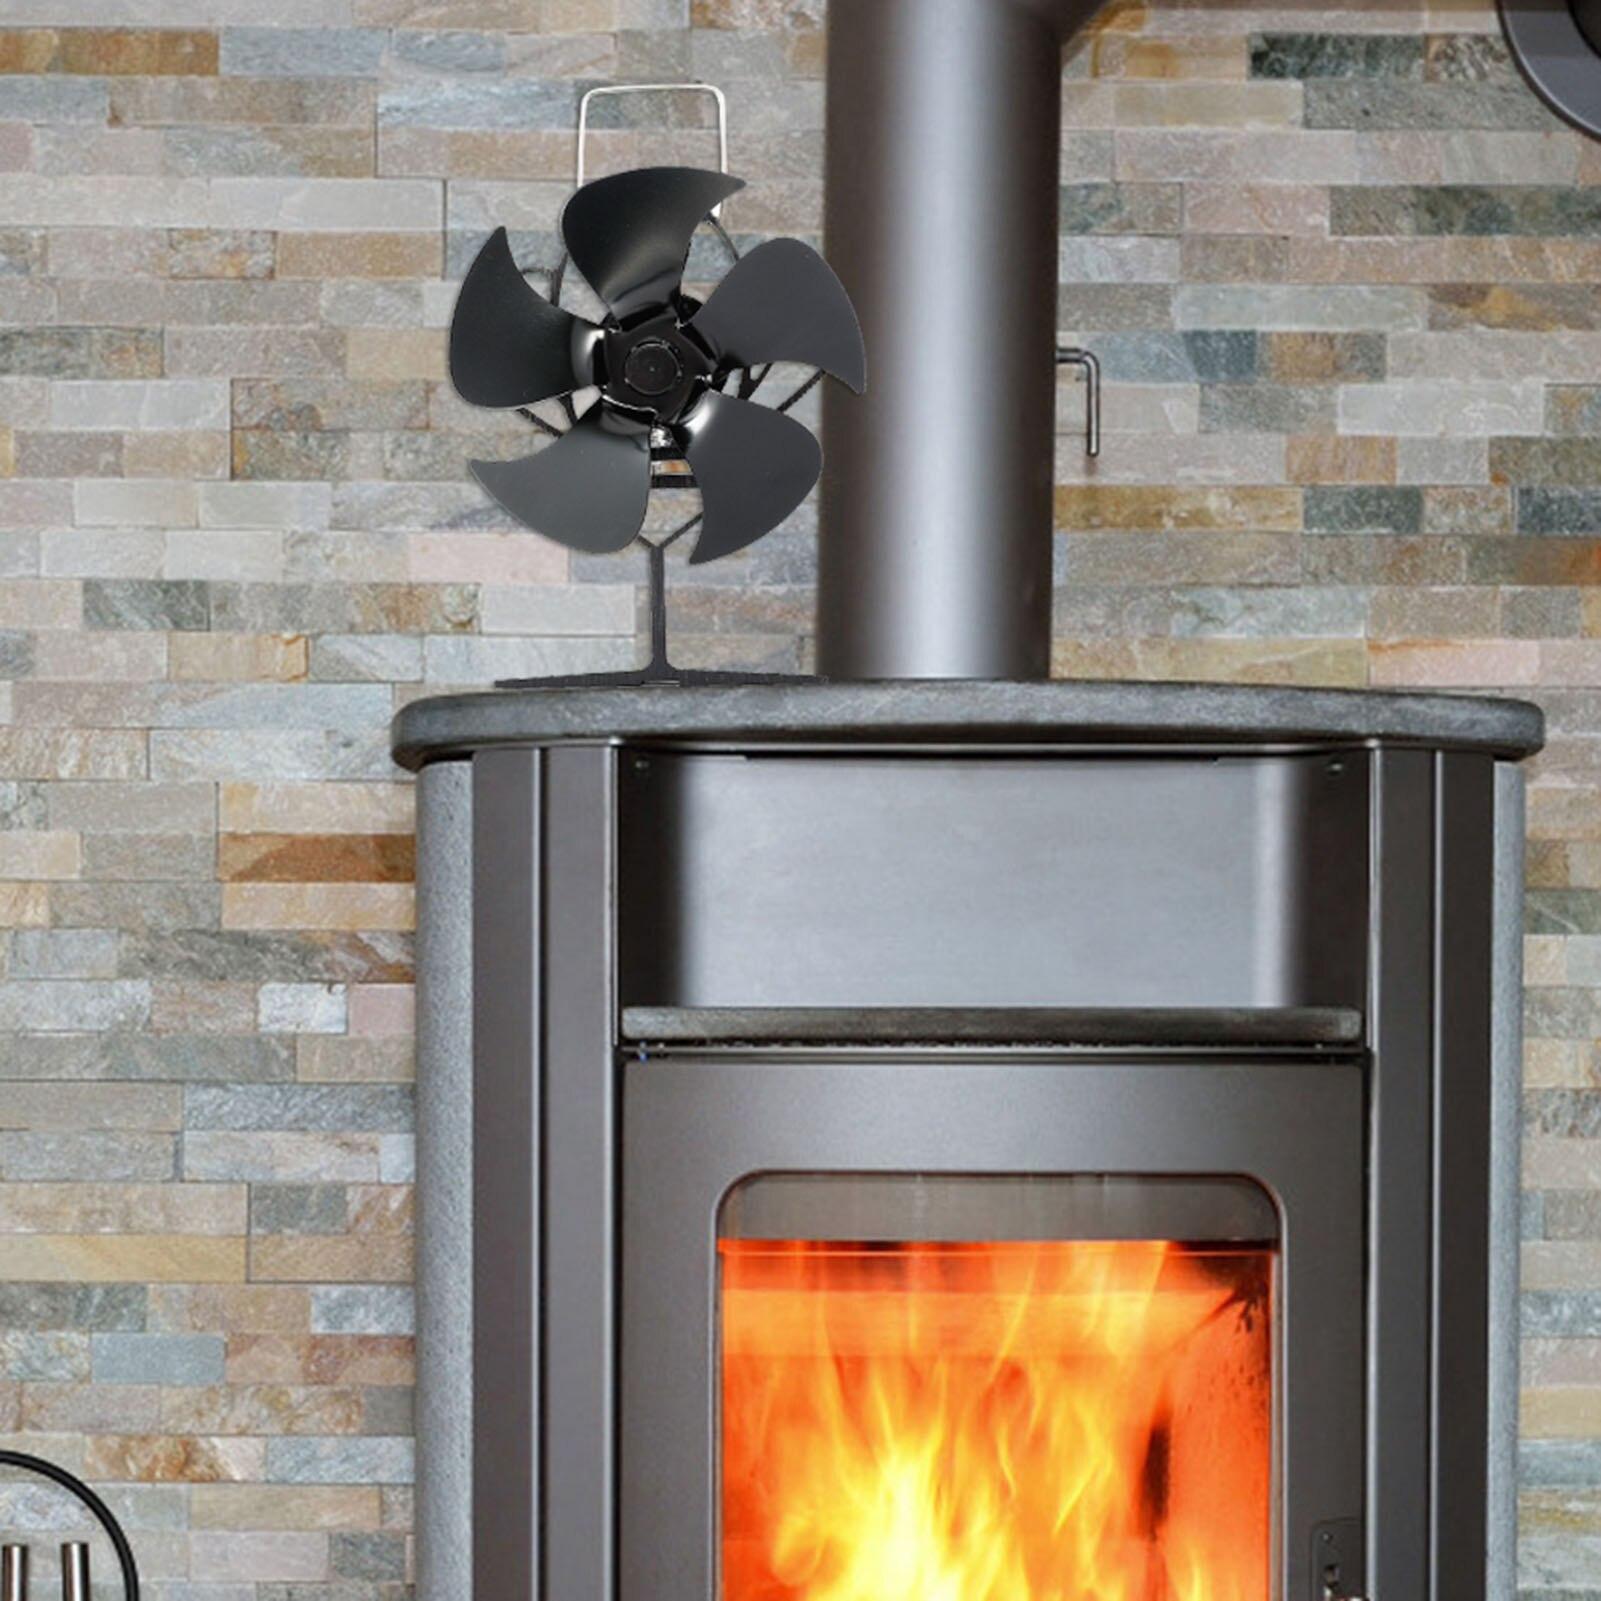 مدفأة 5 شفرات, مروحة مدخنة 5 شفرات هادئة وآمنة تعمل بالحرارة مروحة موقد مروحة توزيع الحرارة فعالة للمنزل